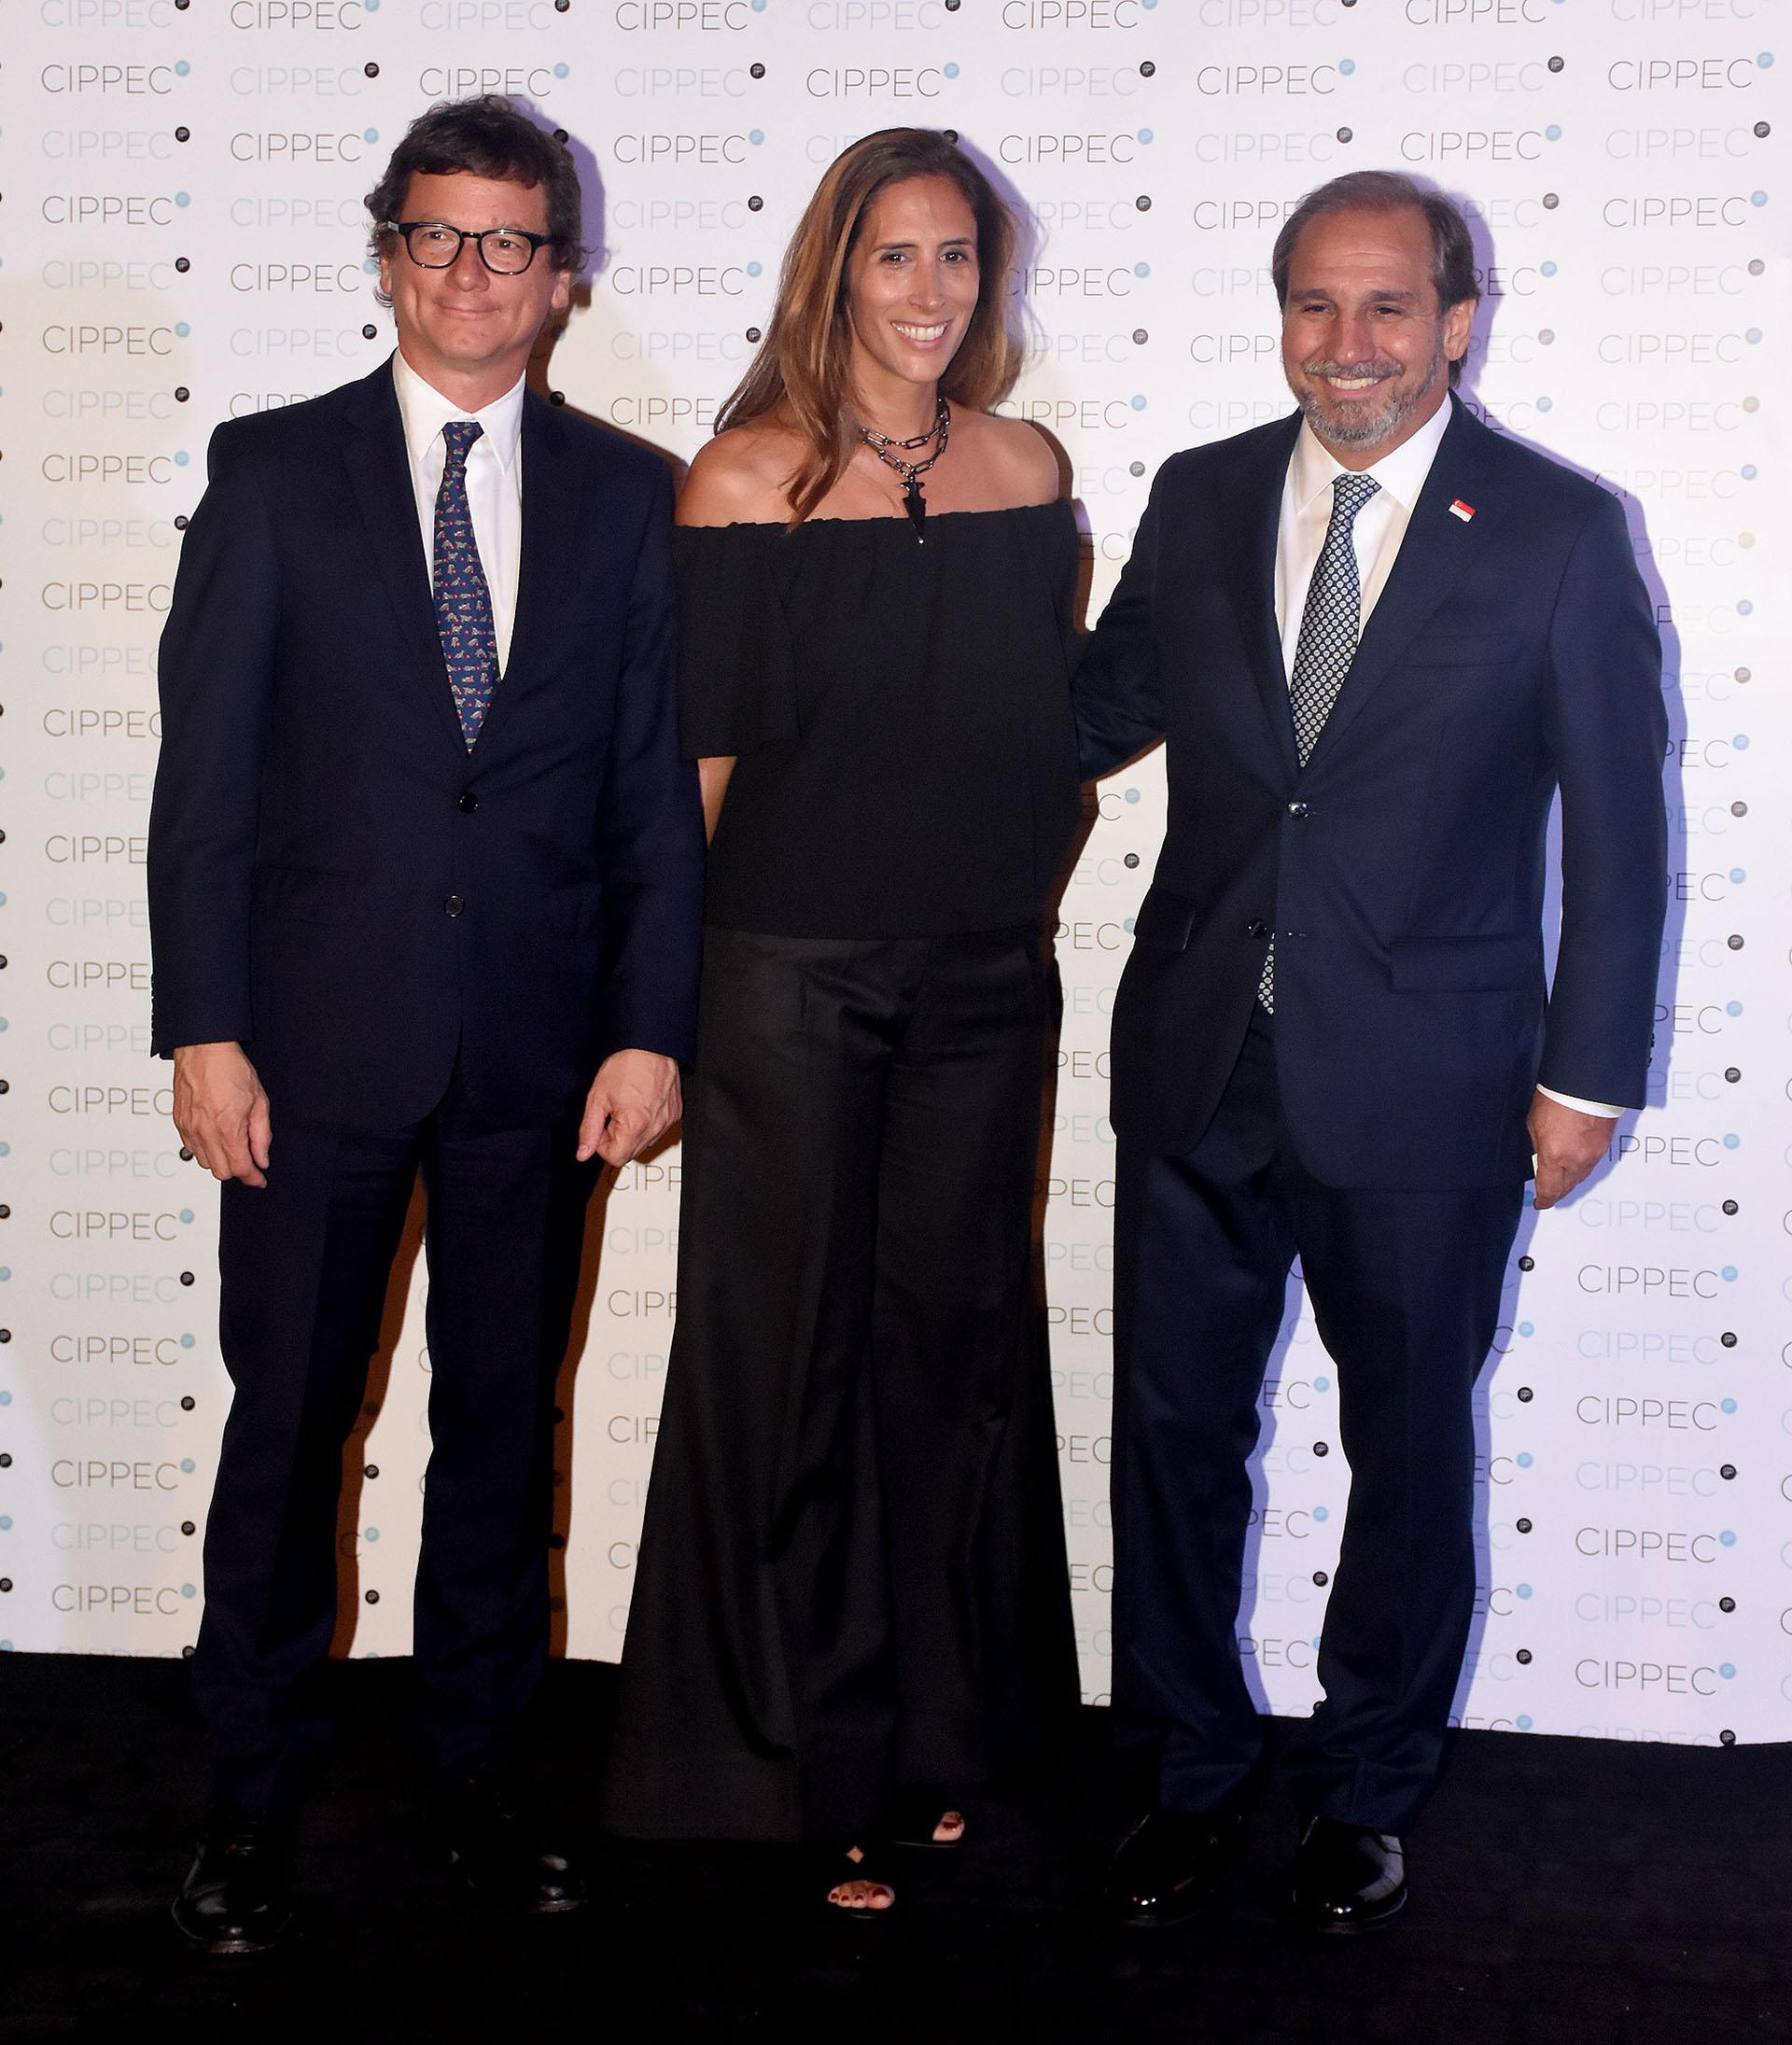 El presidente de HSBC Argentina, Gabriel Martino, junto a su mujer Florencia Perotti y Nicolás Caputo